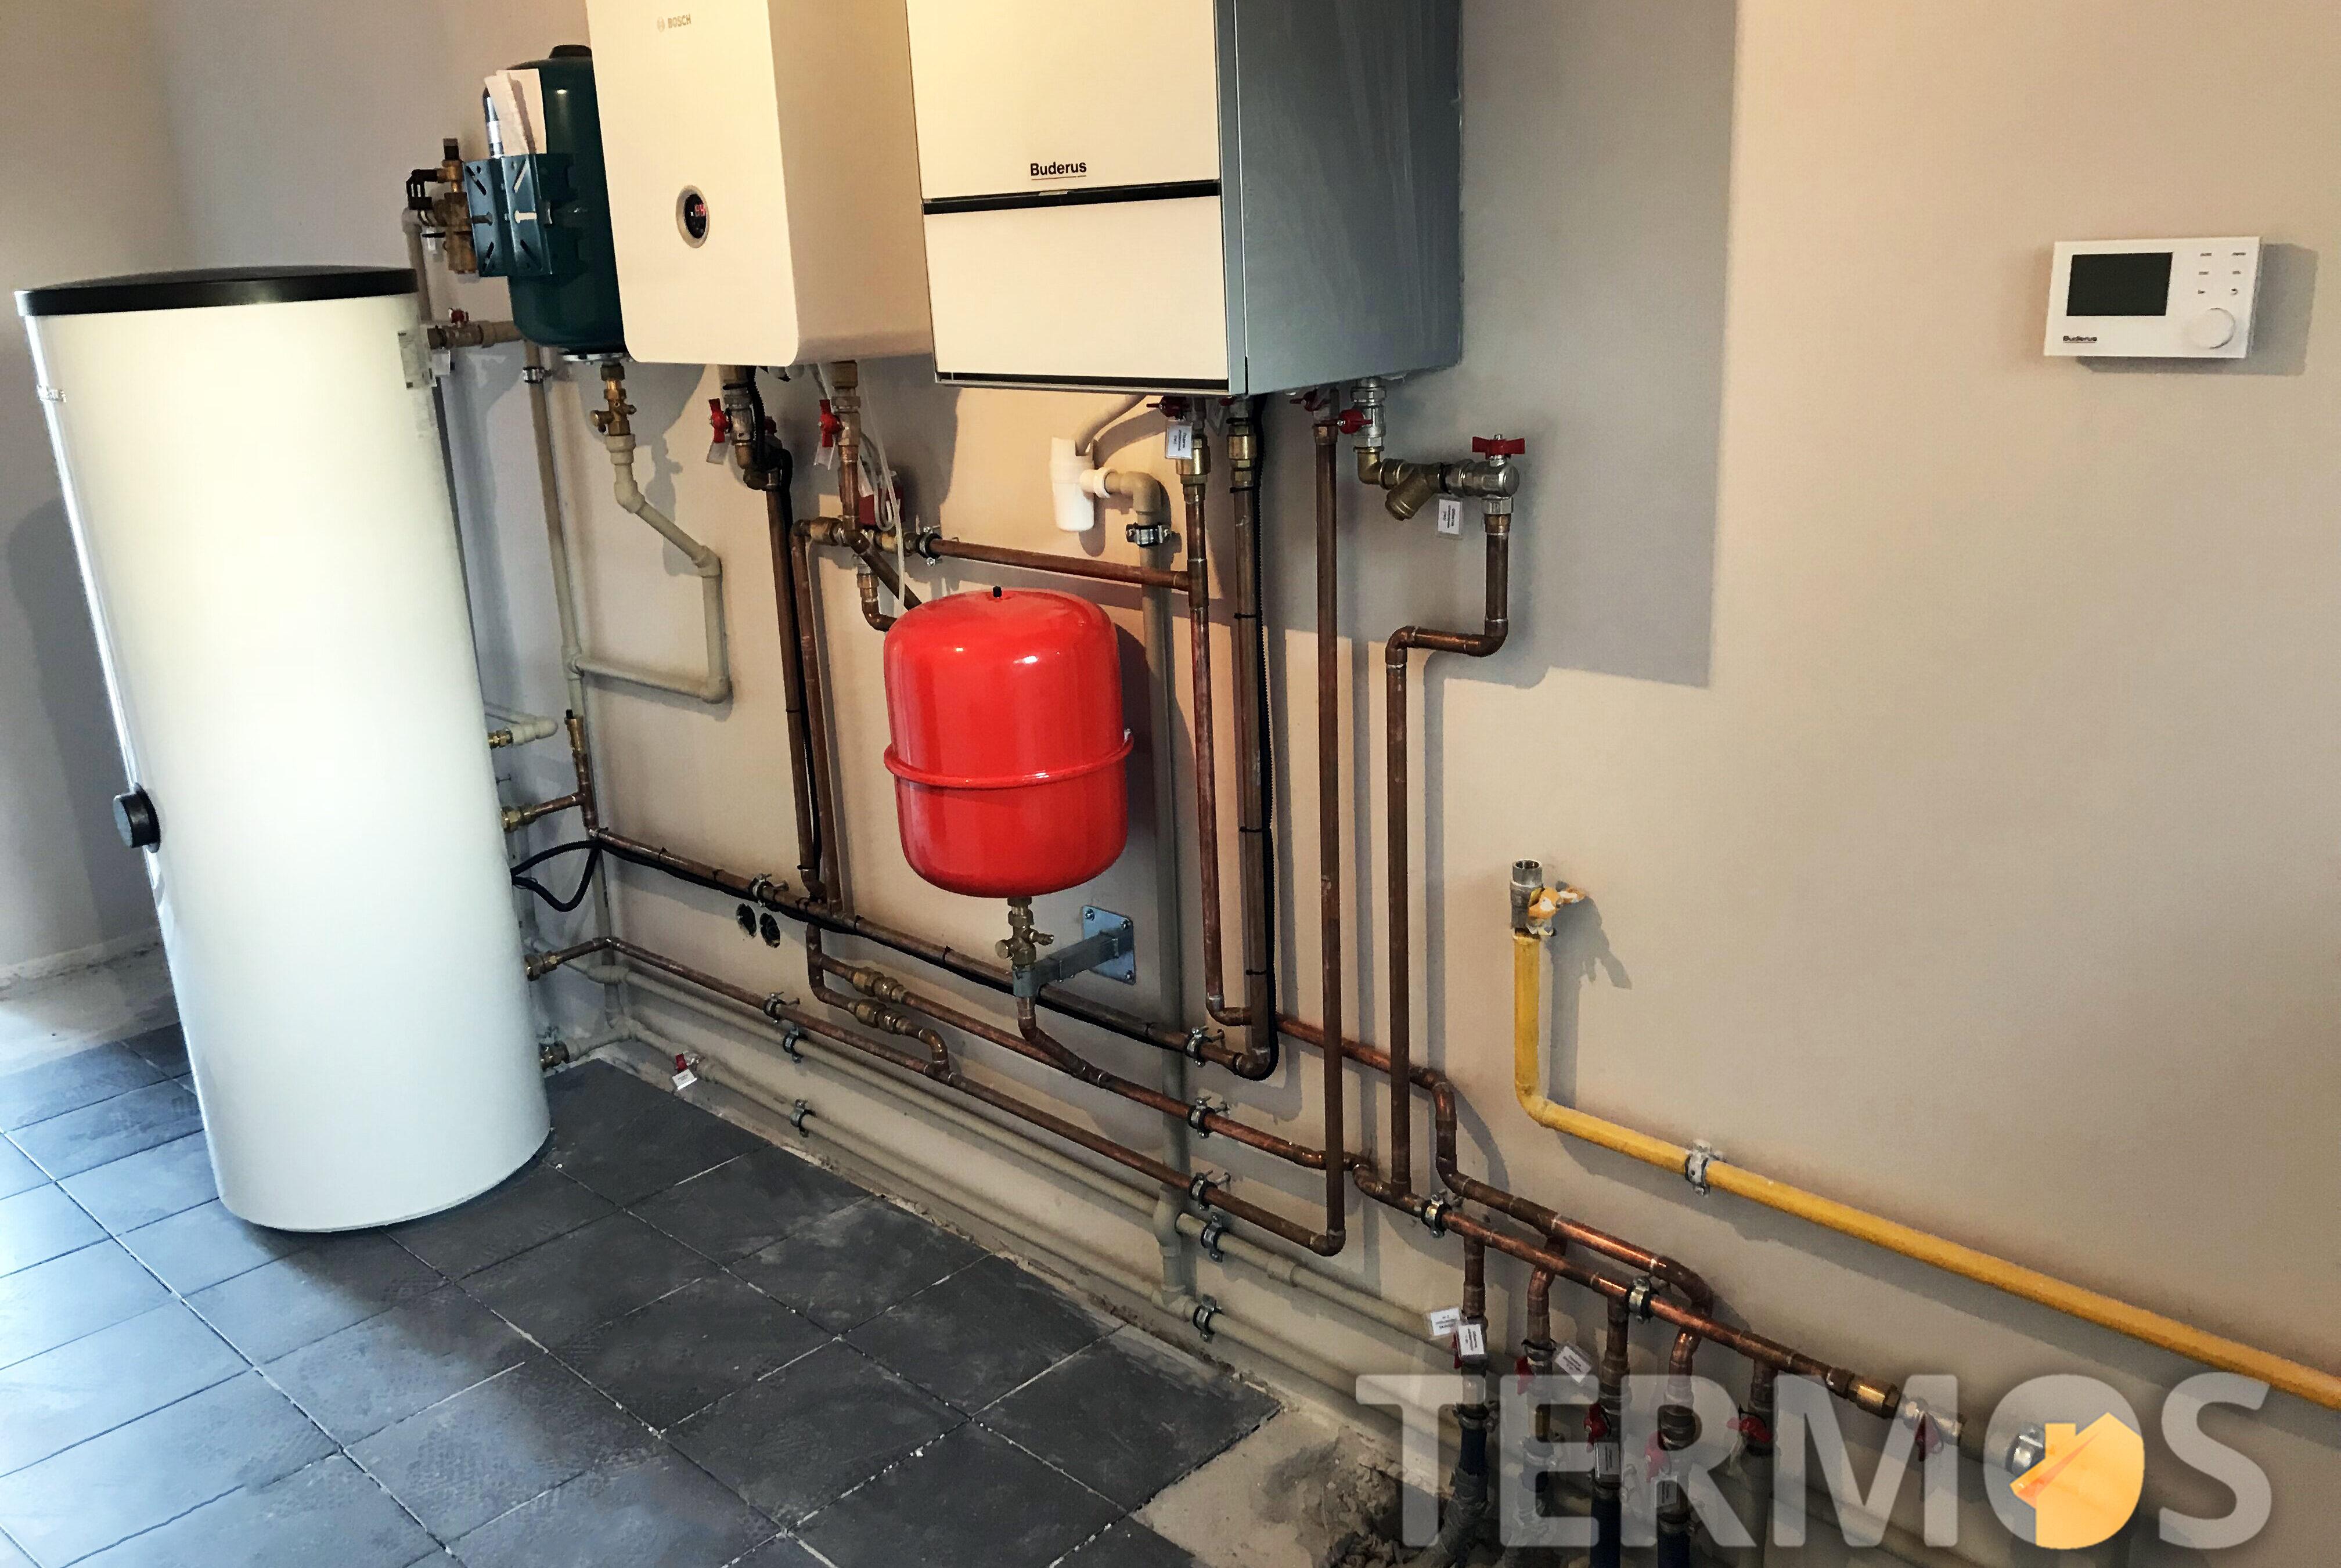 Функции системы отопления - погодозависимое отопление радиаторами, теплым полом, приготовление горячей воды в 300 л бойлере косвенного нагрева, рециркуляция ГВС